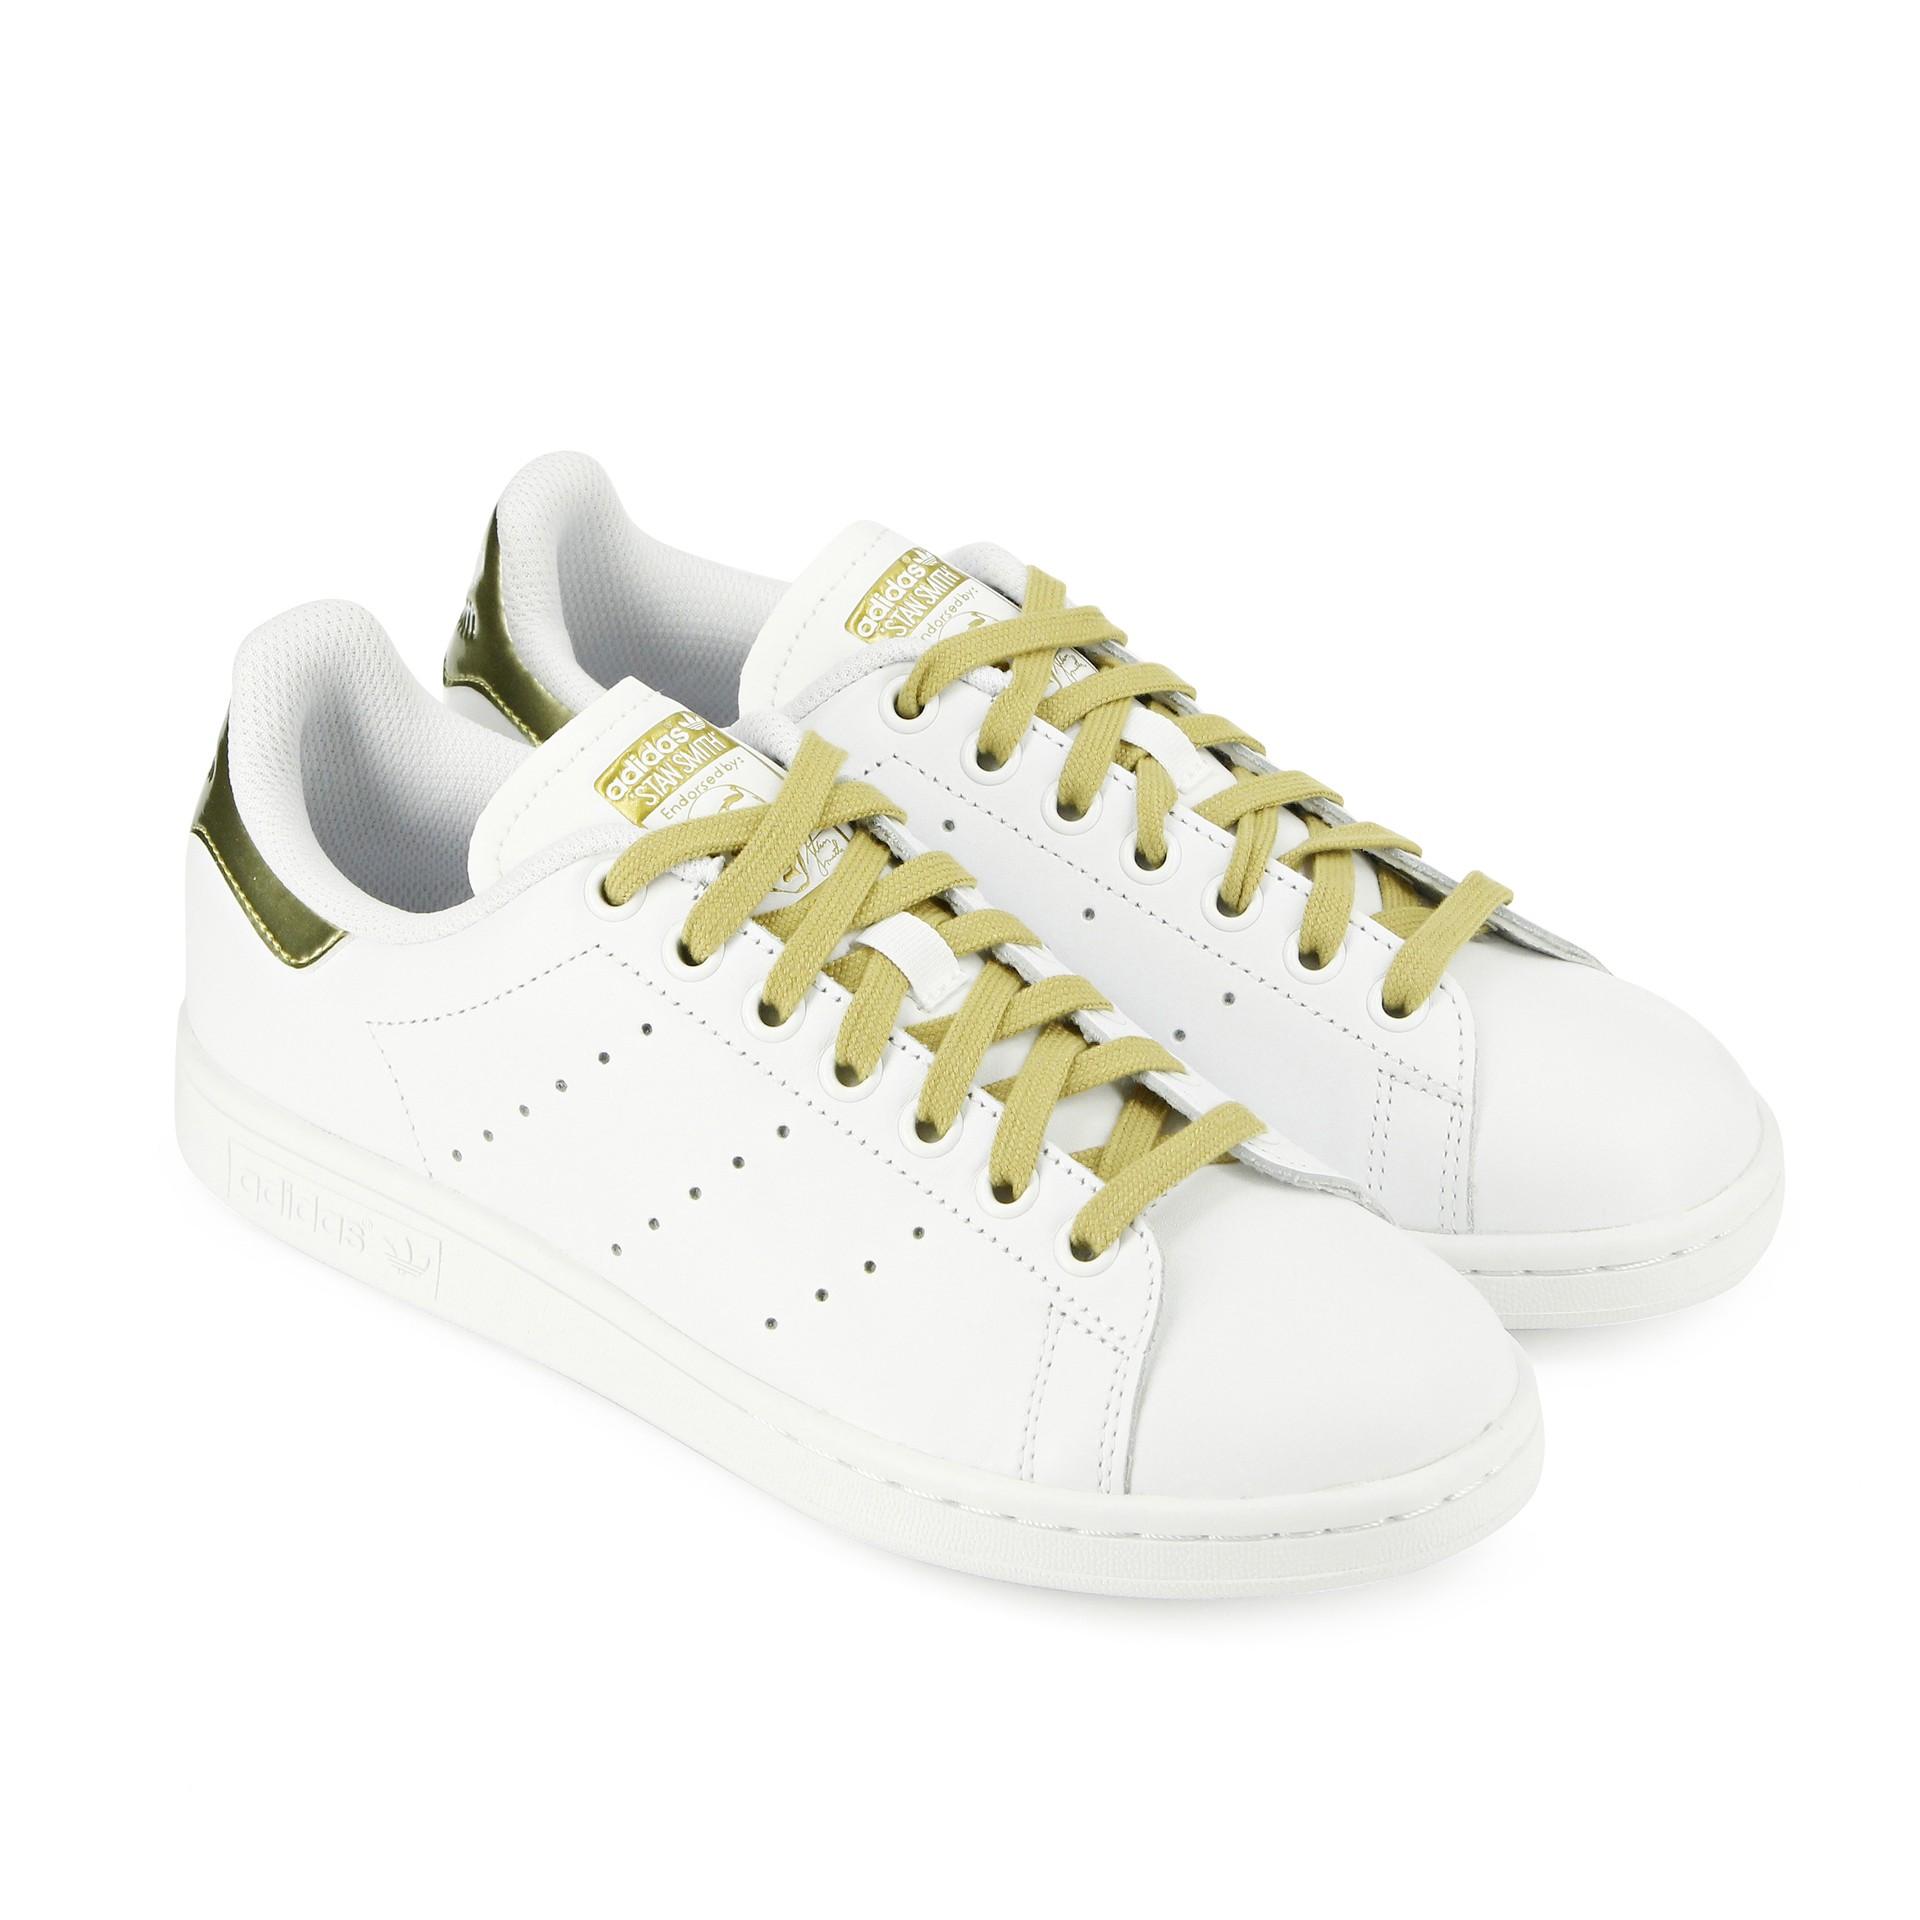 moins cher a44a1 4a419 Adidas stan smith femme blanc et bleu - Chaussure ...